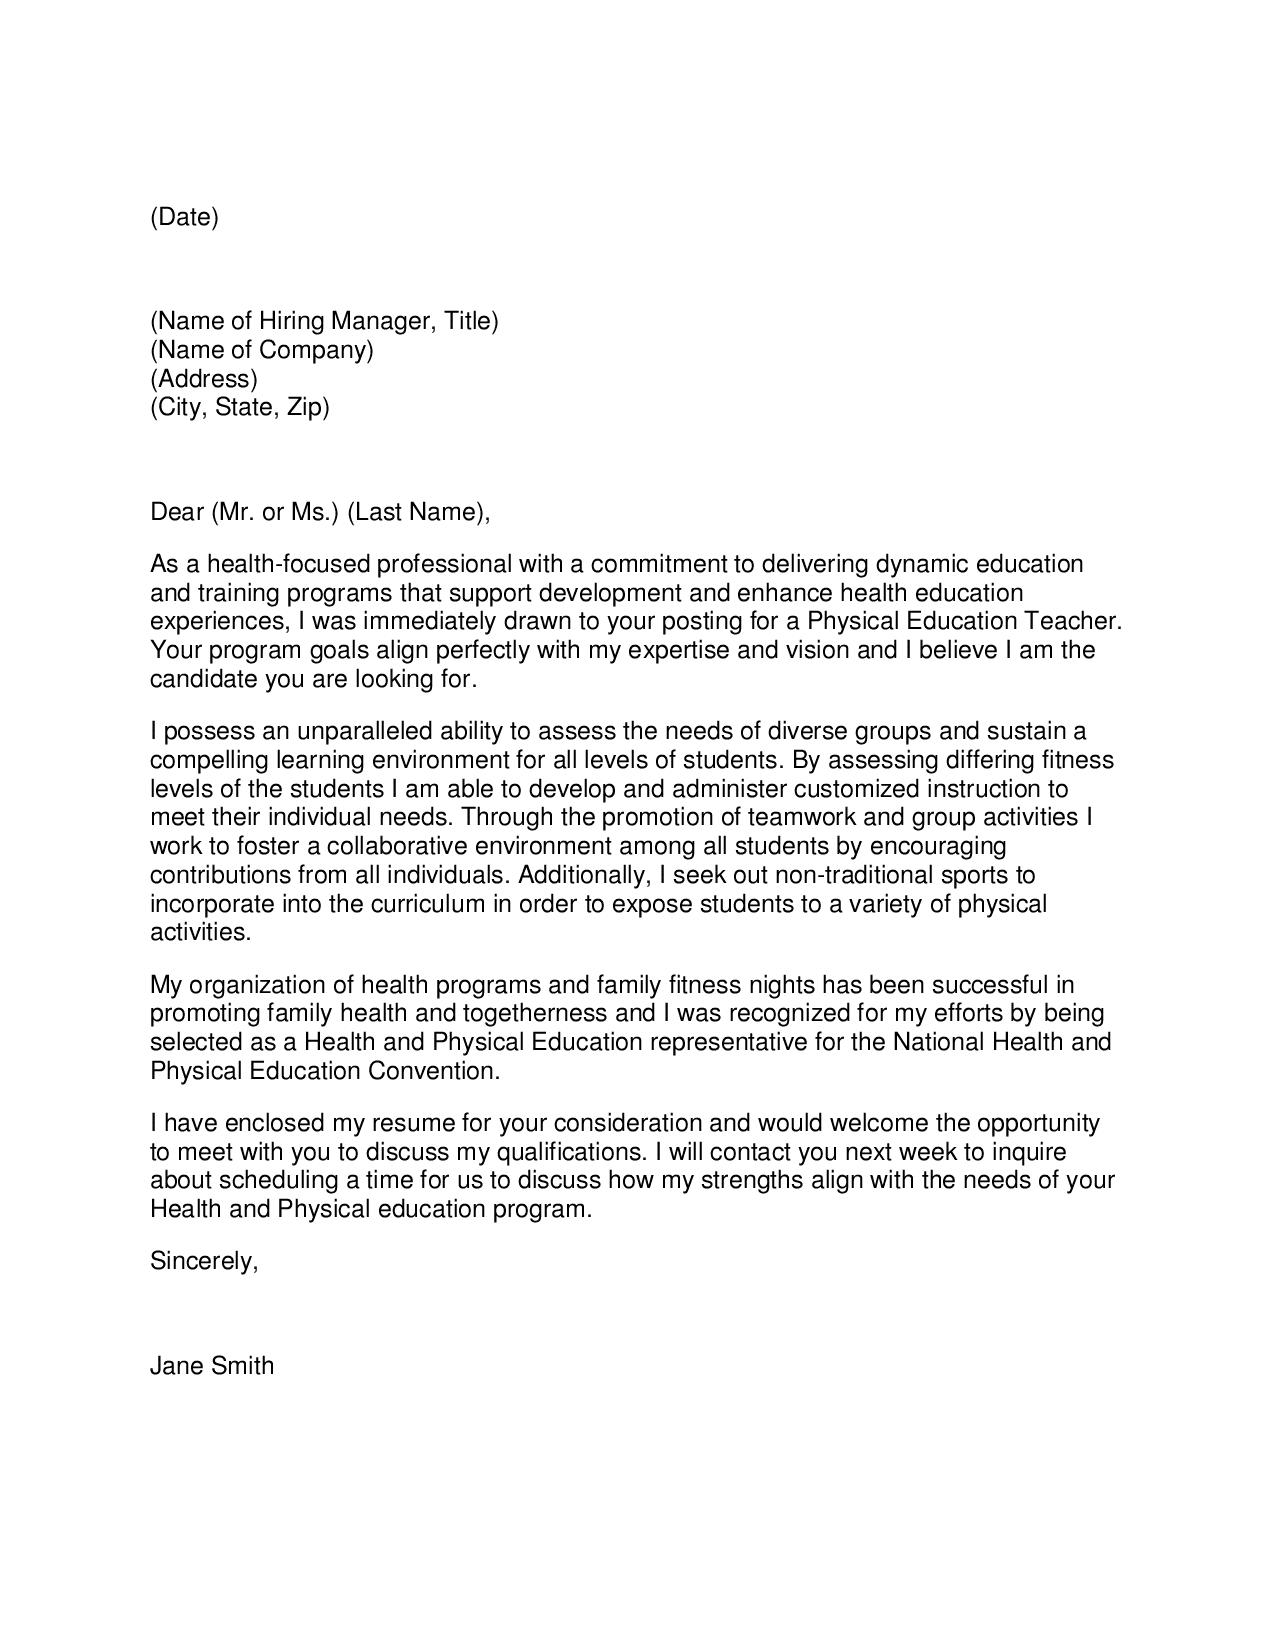 hvac draftsman cover letter qa school administrator resume sample physical education teacher cover letter hvac draftsman